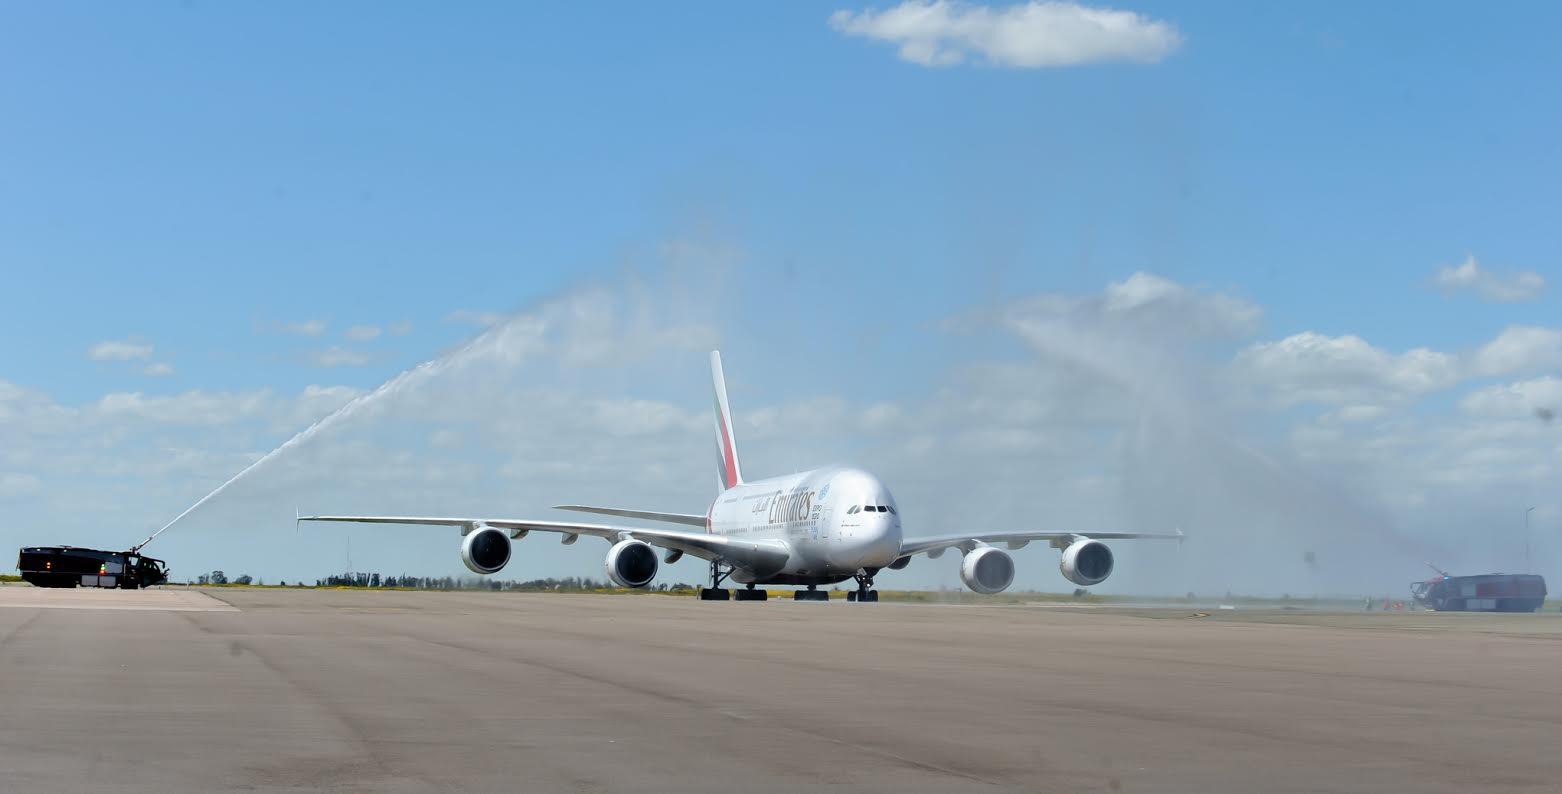 casablanca accueille le plus grand avion commercial au monde. Black Bedroom Furniture Sets. Home Design Ideas